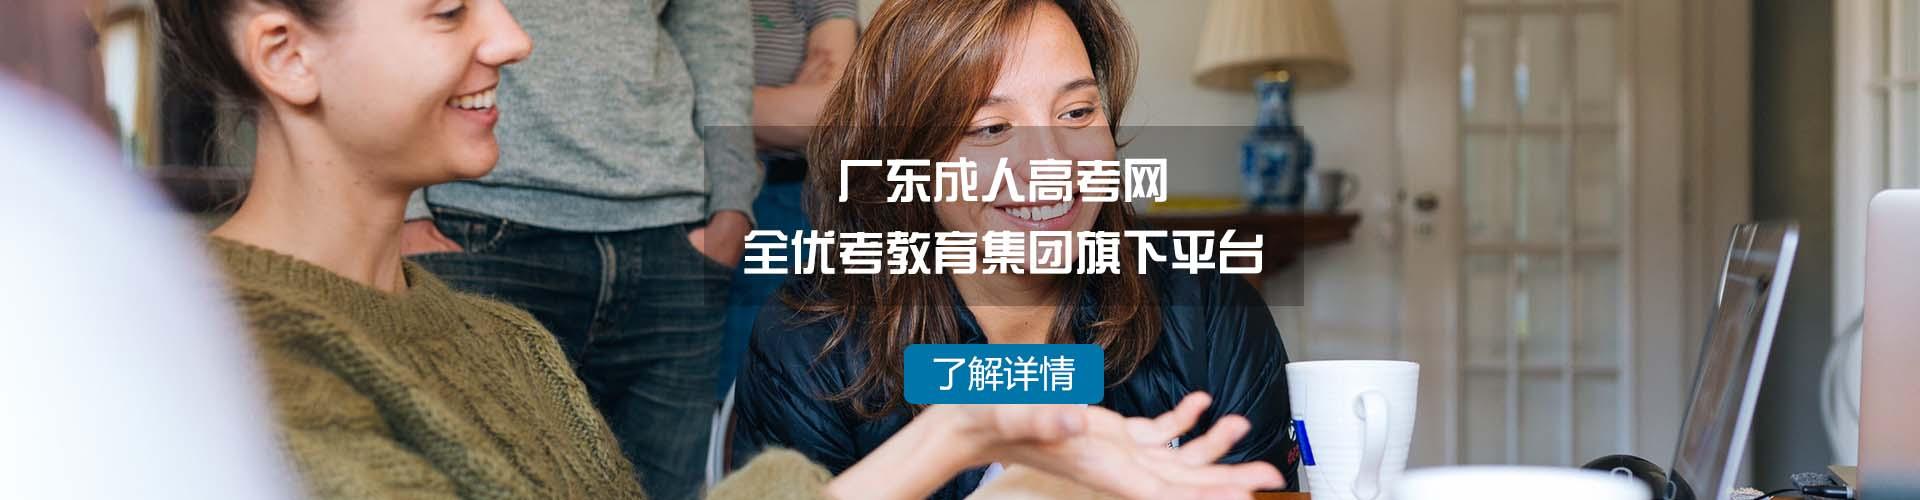 旗下平台:广东成人高考网